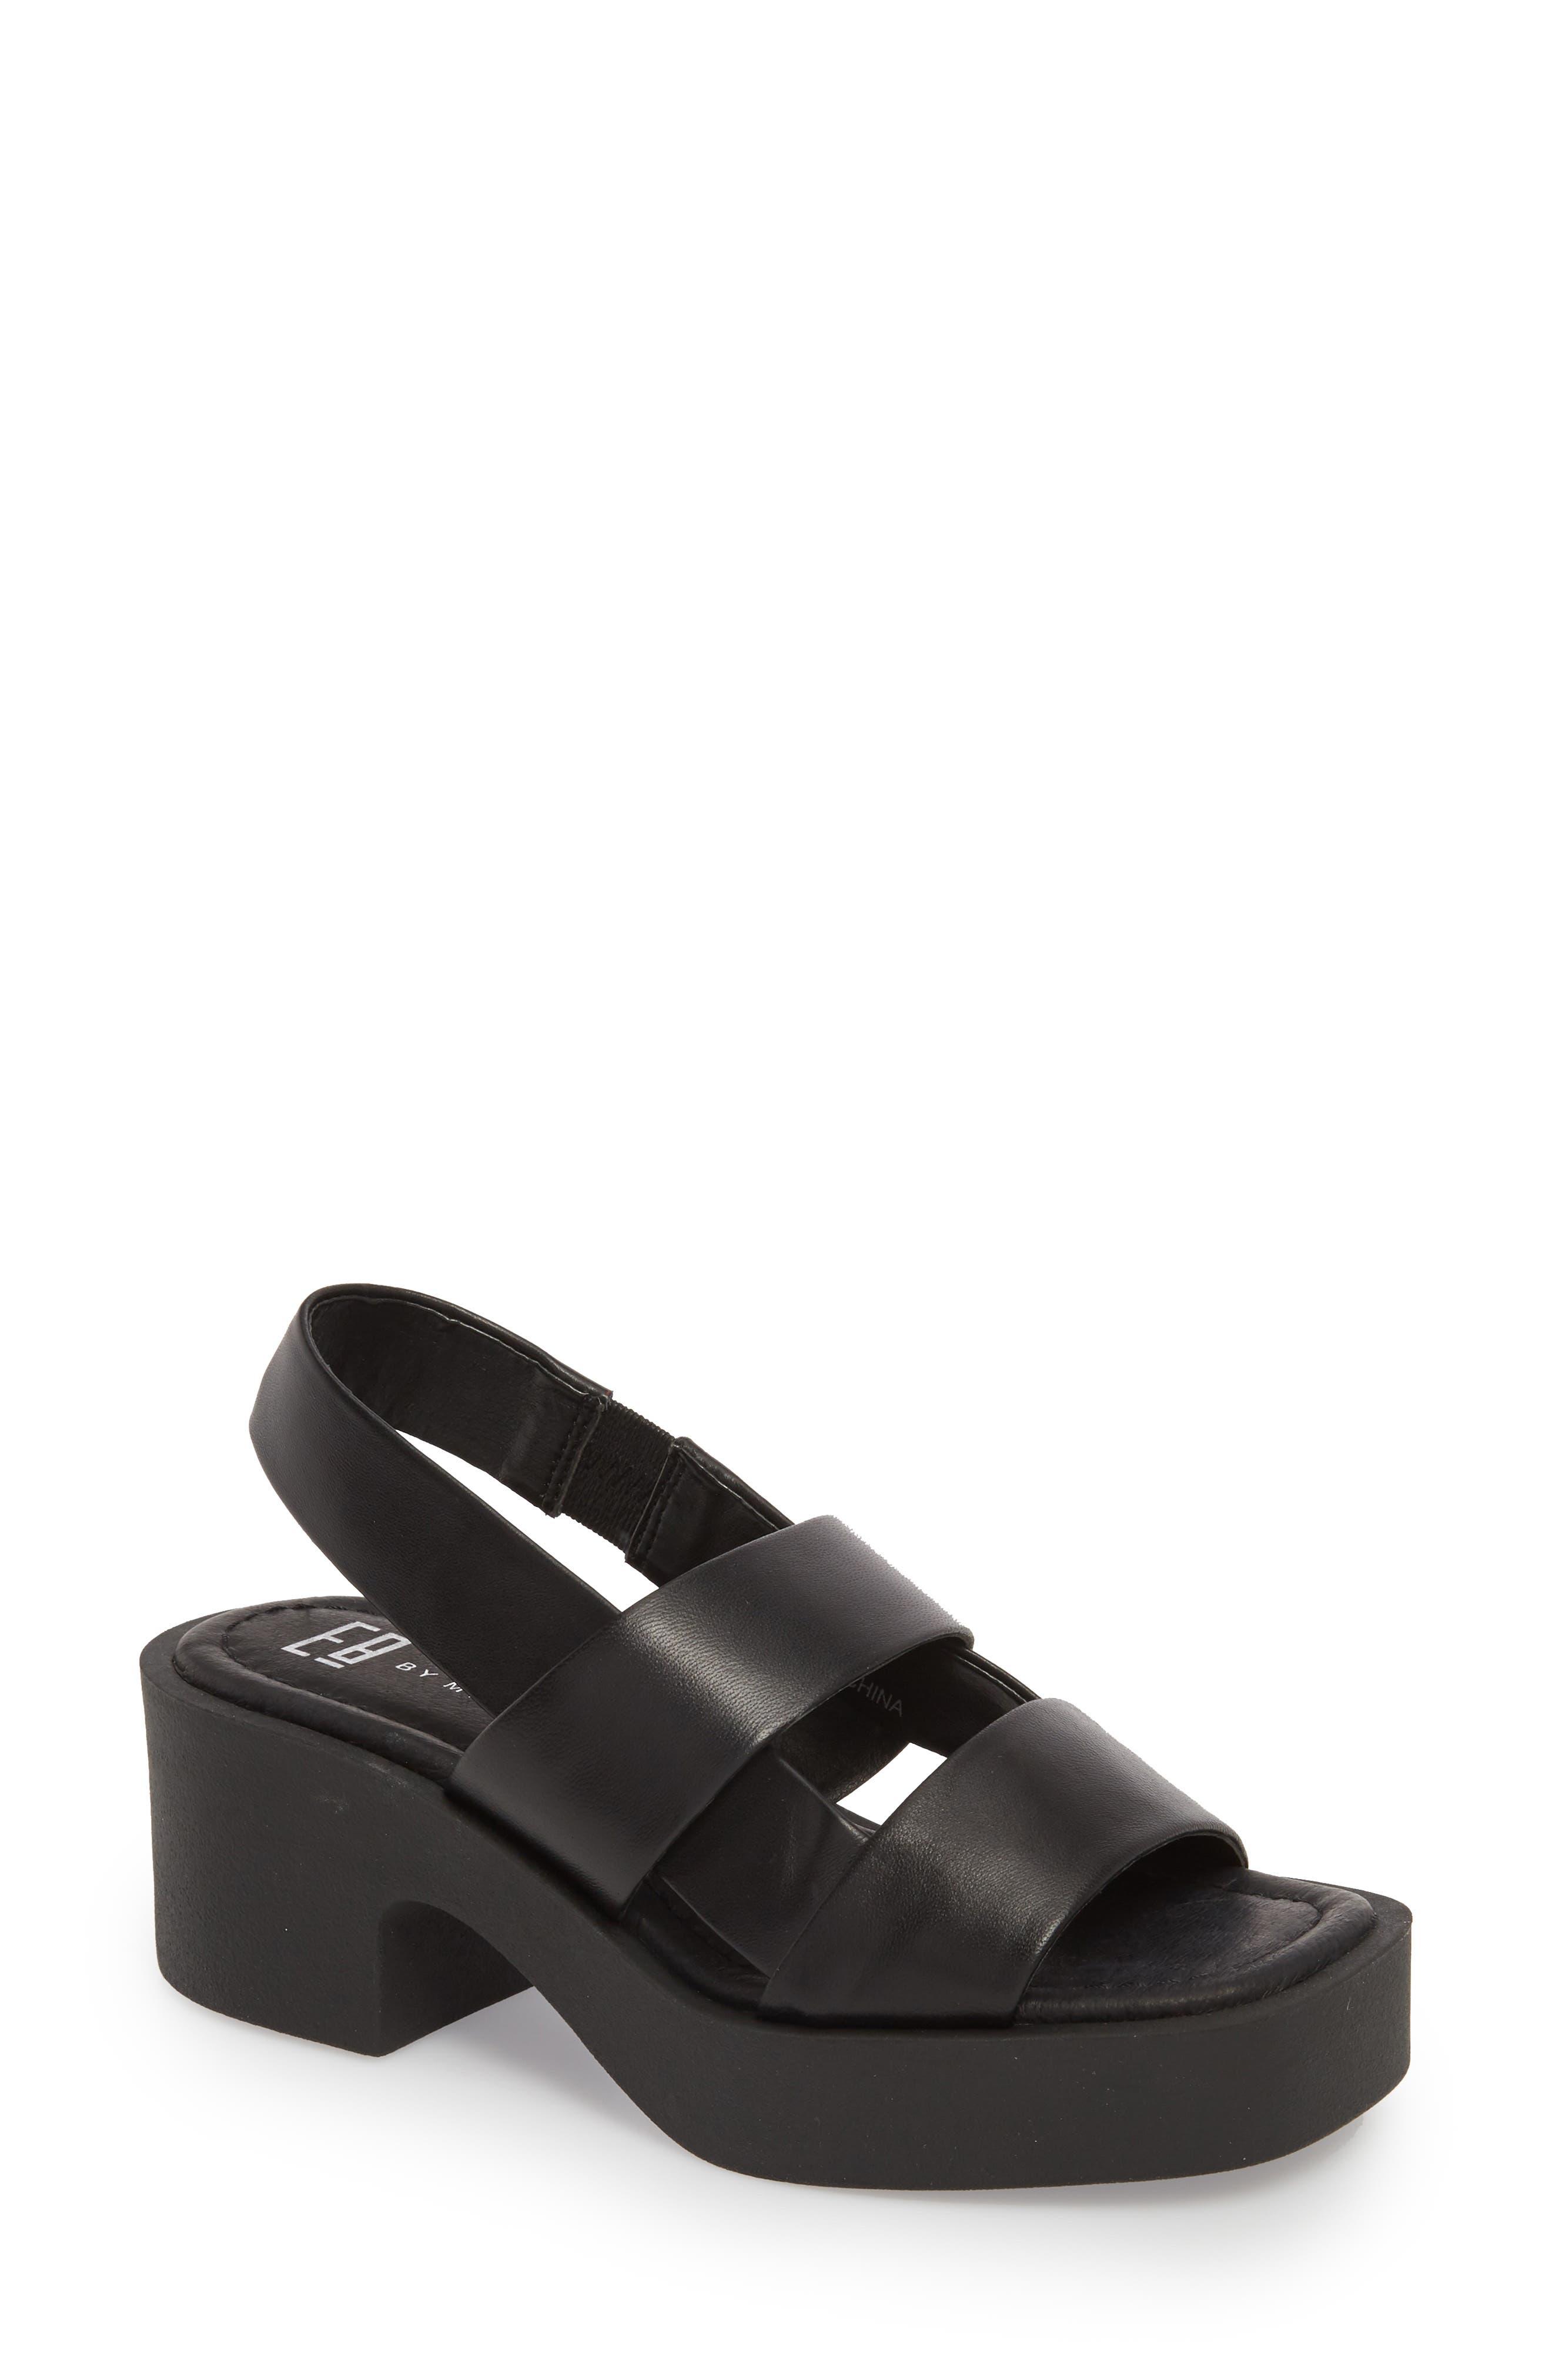 Hazel Slingback Sandal,                         Main,                         color, BLACK LEATHER